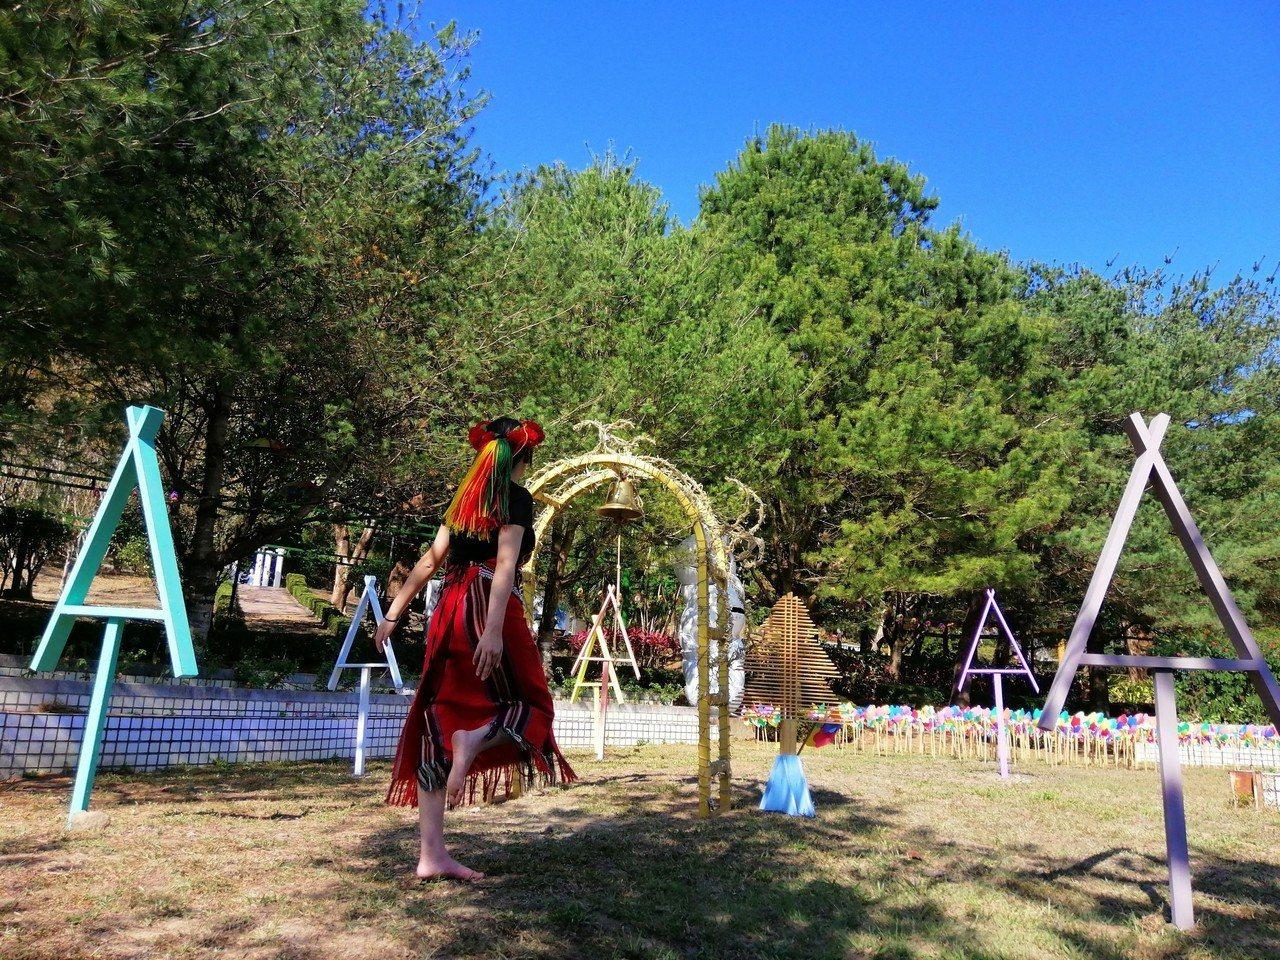 南投縣泰雅渡假村祭出清明連假「屬豬」入園免門票。圖/泰雅渡假村提供